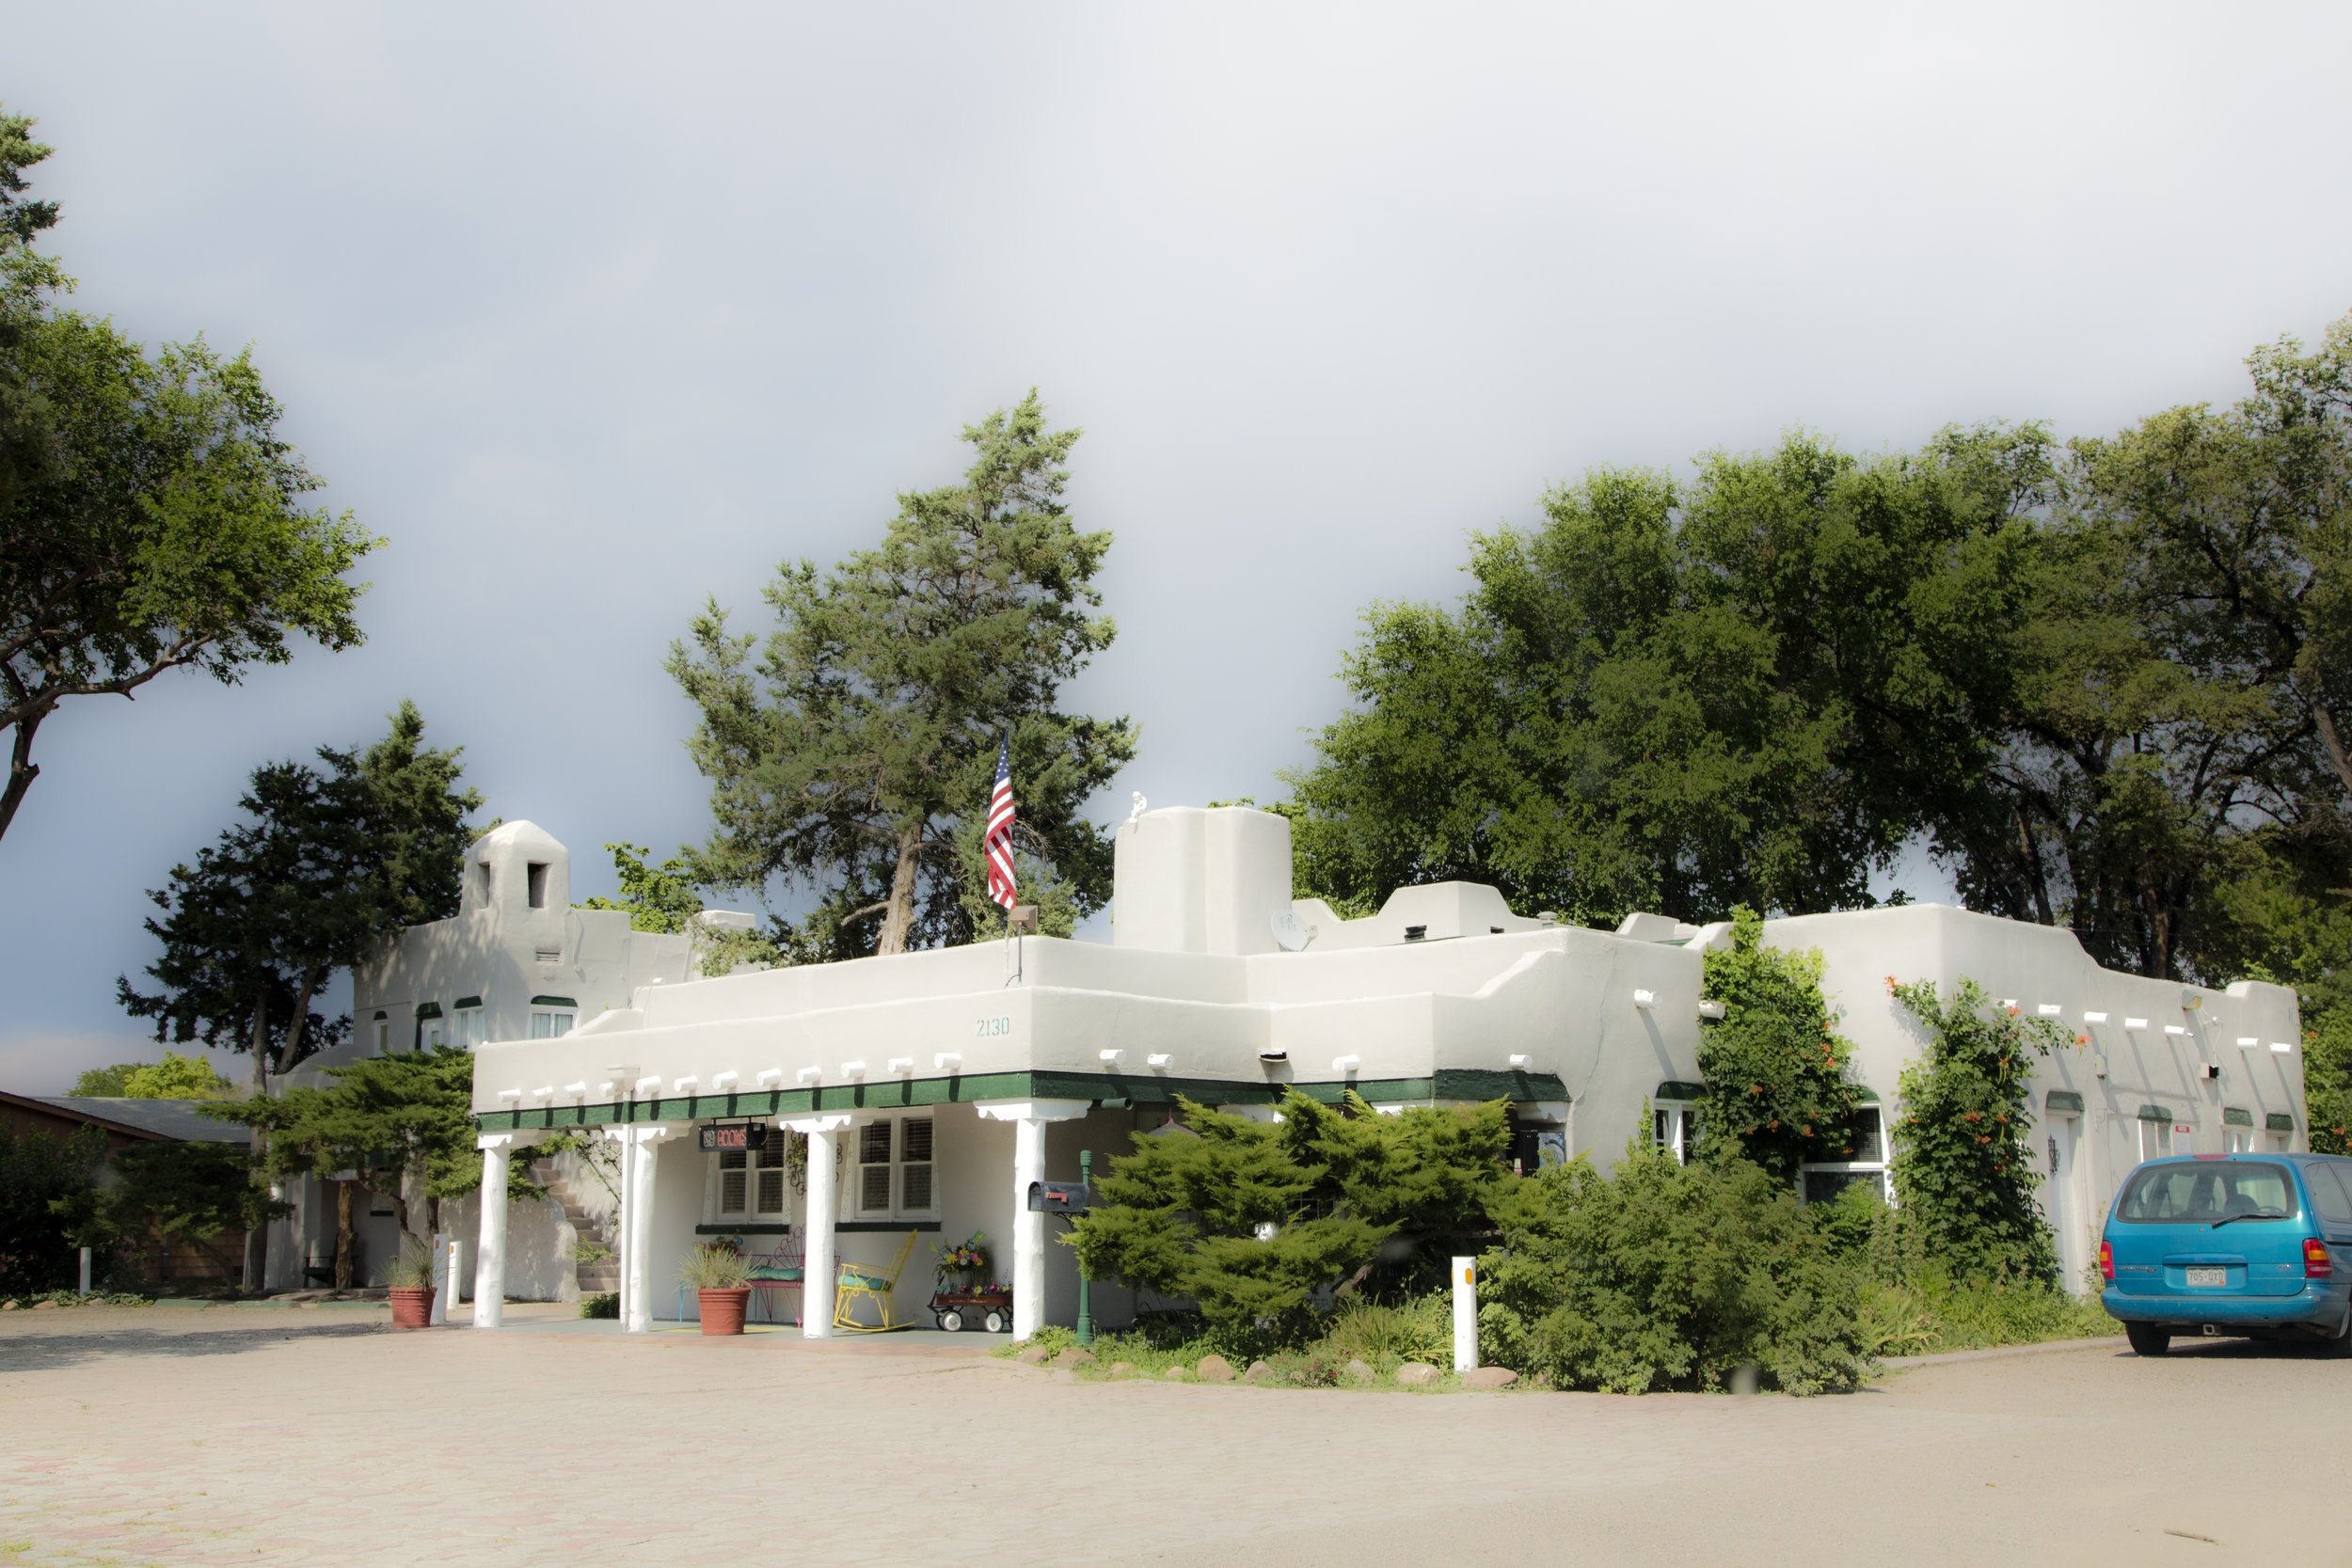 Coronado Motel - Pueblo, Colorado.  Photograph by Candacy Taylor, 2017